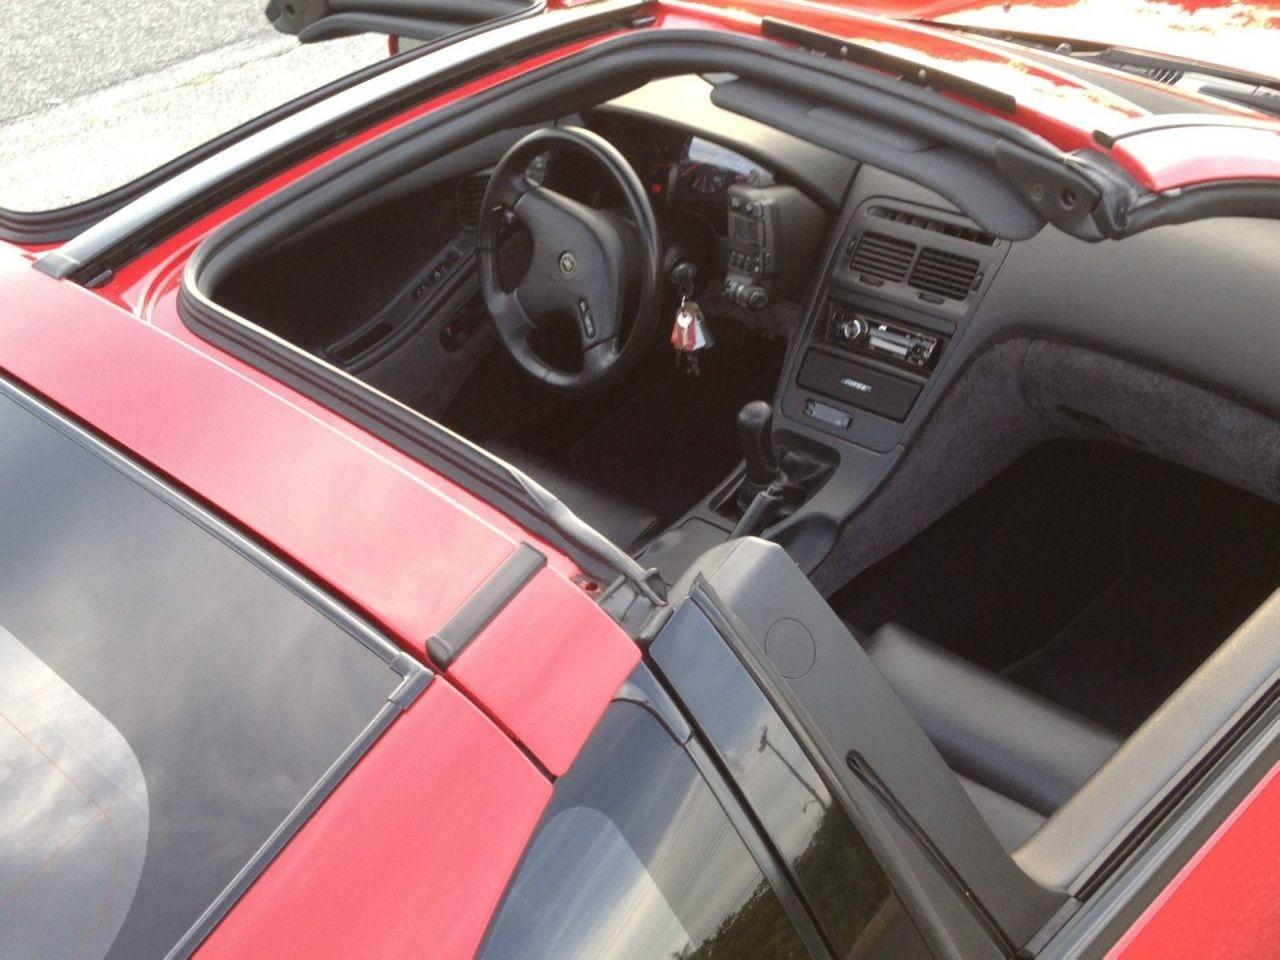 1990 NISSAN 300ZX Z32 TWIN TURBO - T-Top | 300zx | Pinterest ...